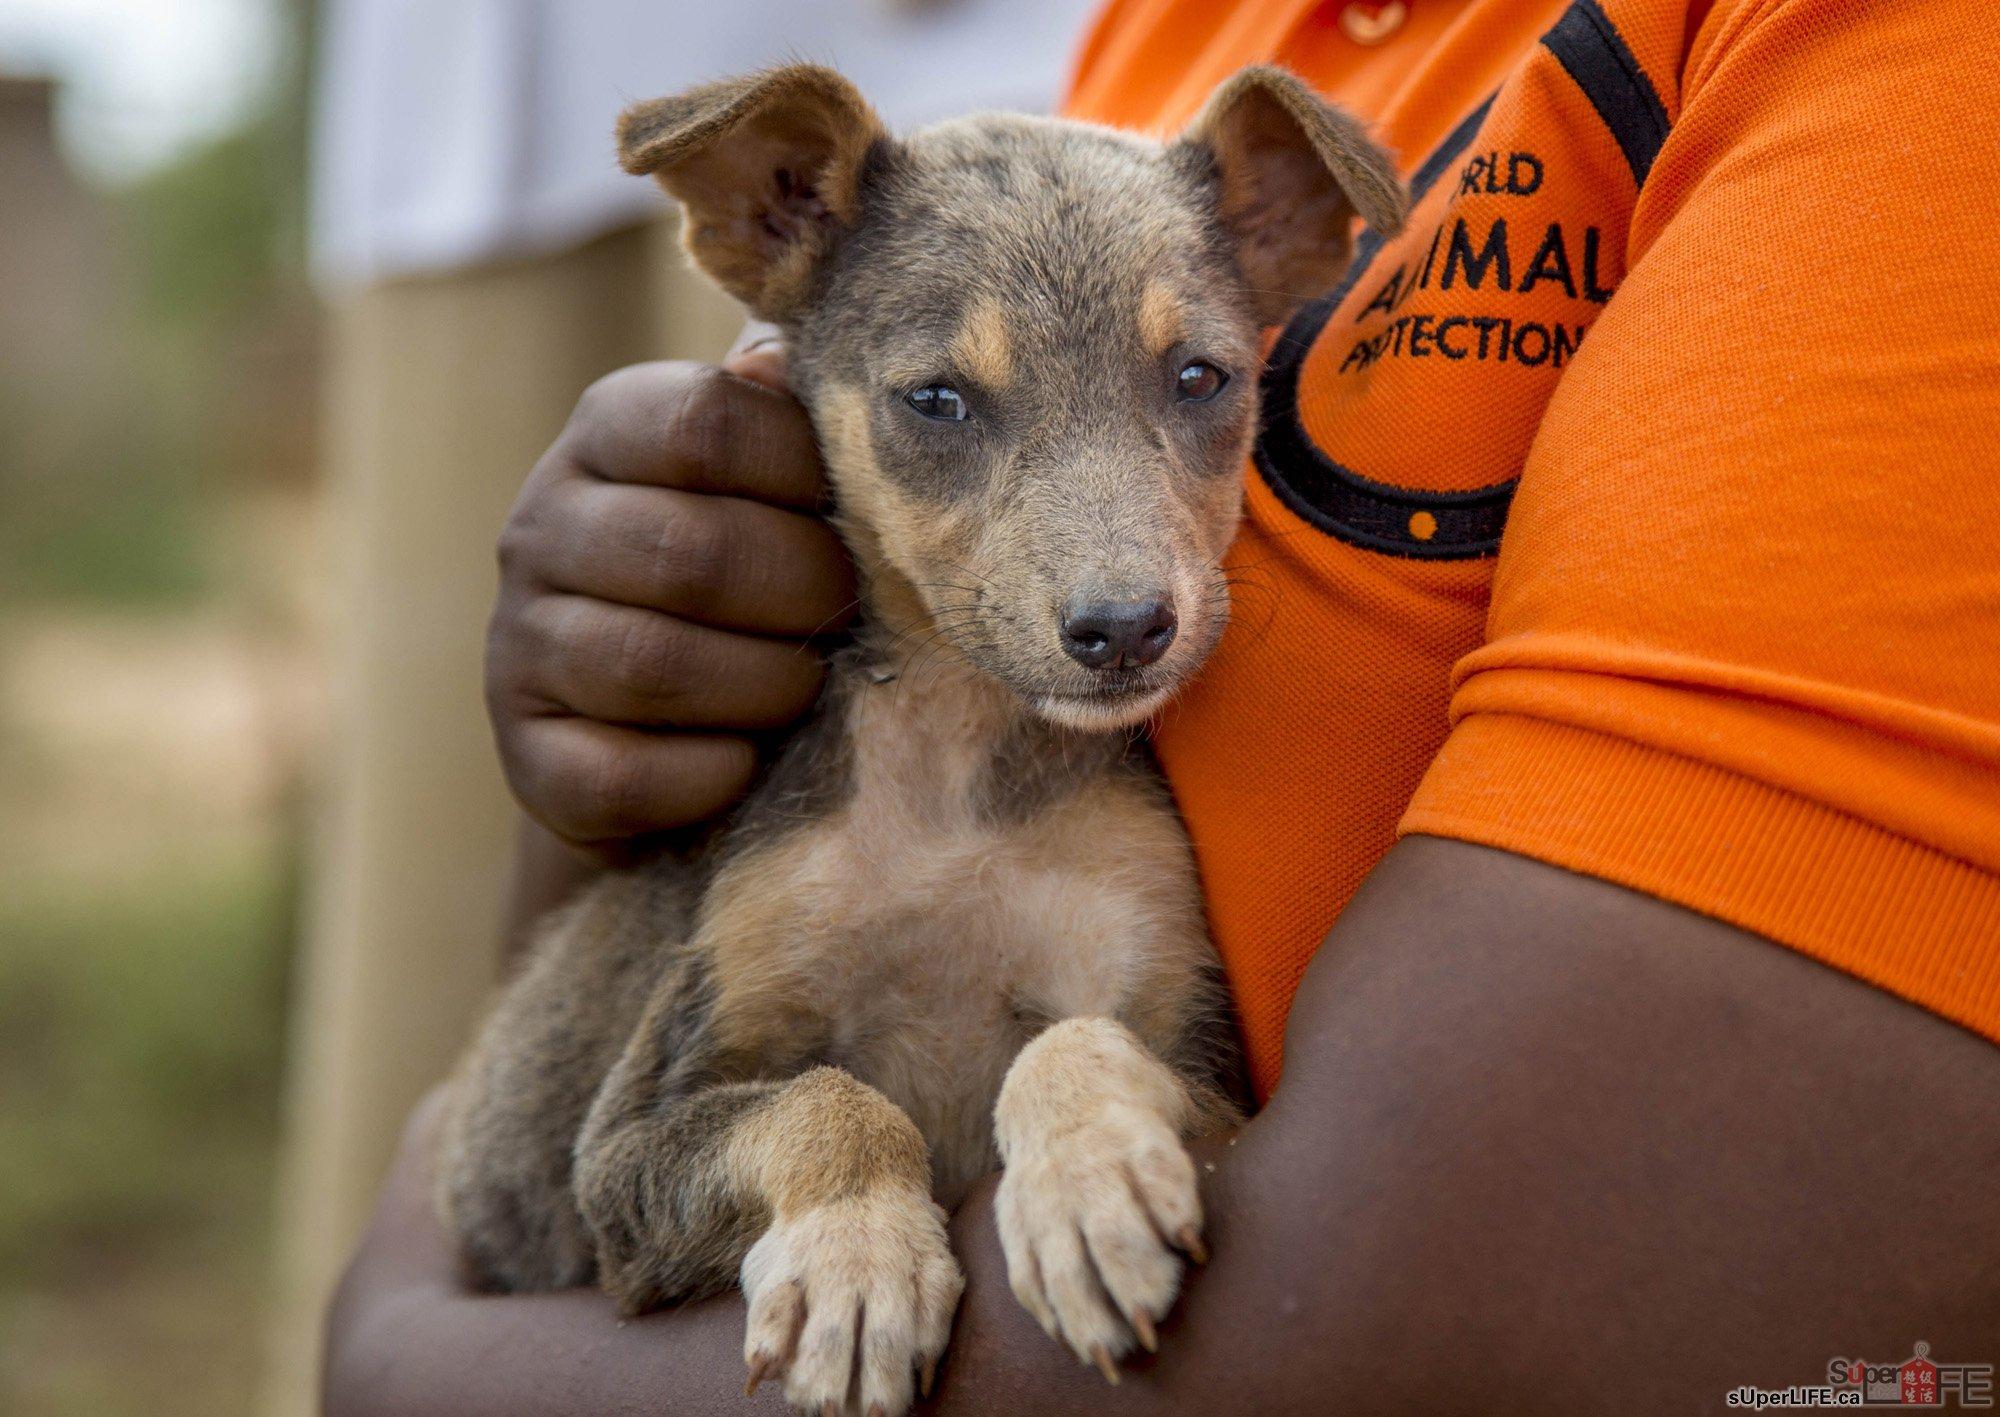 现今全球狗只达7亿,其中许多是被遗弃、不健康和没有接受疫苗接种。人们对被咬和狂犬病的恐惧,意味著每年有数以百万计的狗只被杀。 世界动物保护协会一直倡导停止杀害狗只。这个环球慈善组织与各地政府合作,在肯亚、桑吉巴、中国、印尼、菲律宾和孟加拉国为当地狗只进行了100万次疫苗接种。在中国,自2013年迄今已进行逾26万次狂犬病疫苗接种。